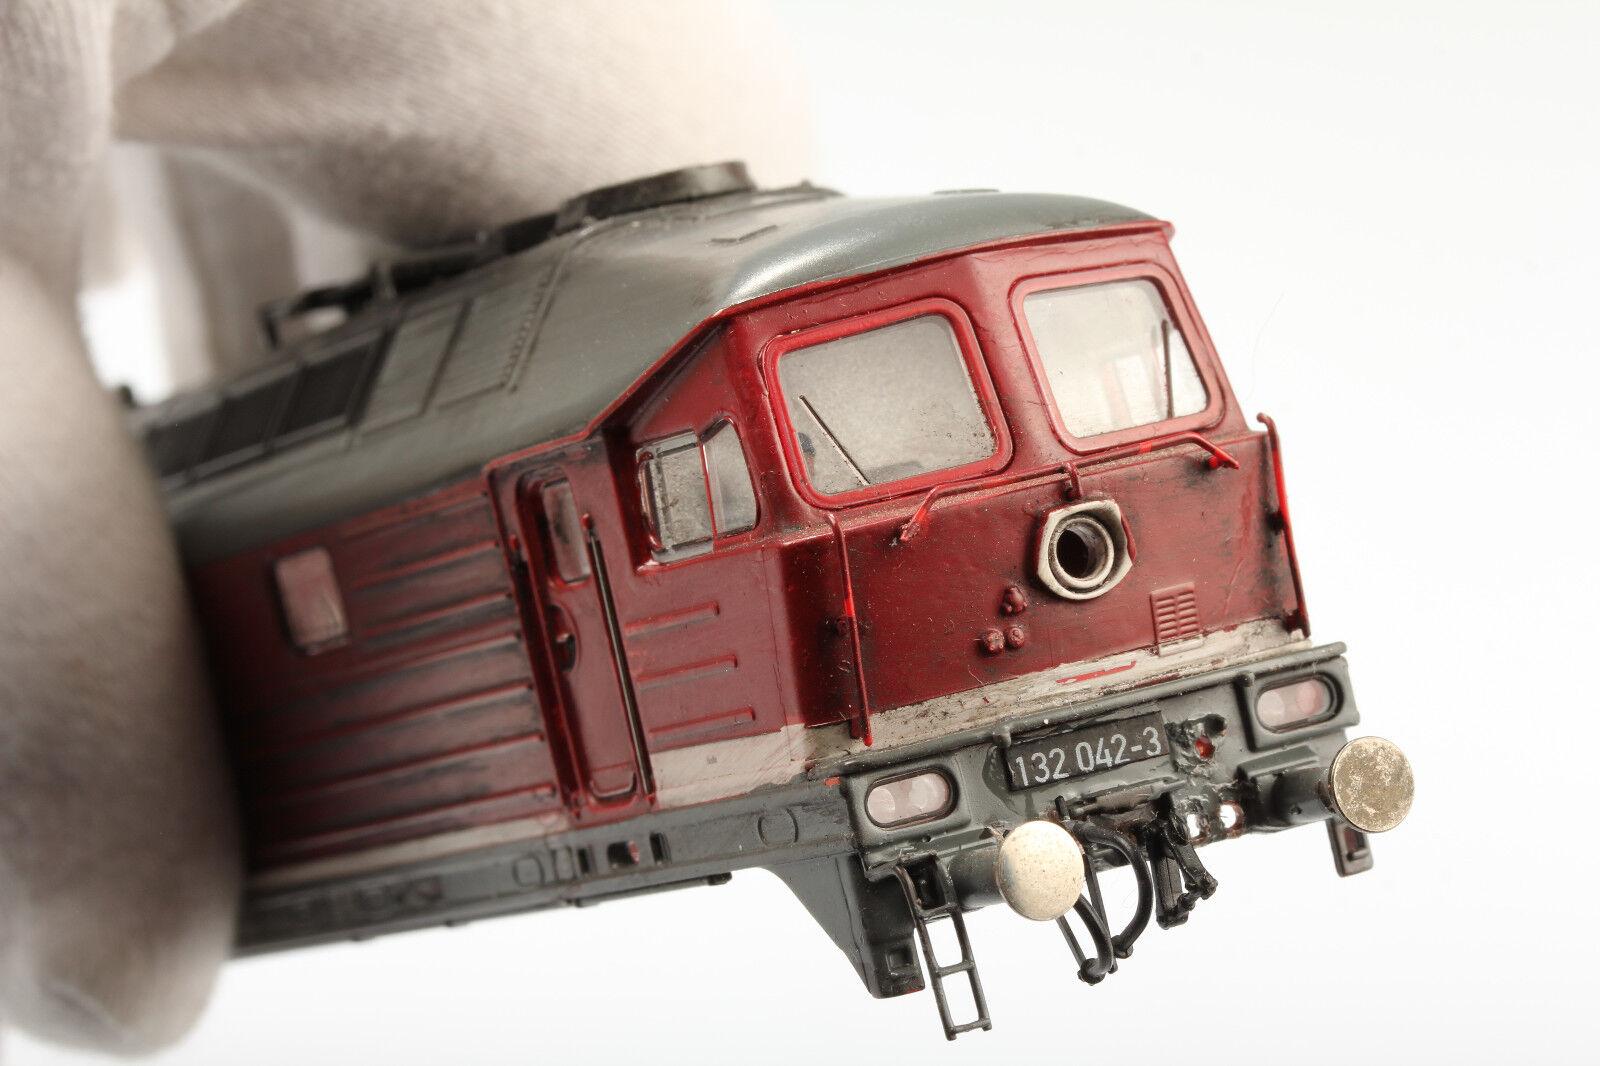 H0 ROCO splendido Ludmilla chassis 132 0423sporco graffiautoenze O. OVP